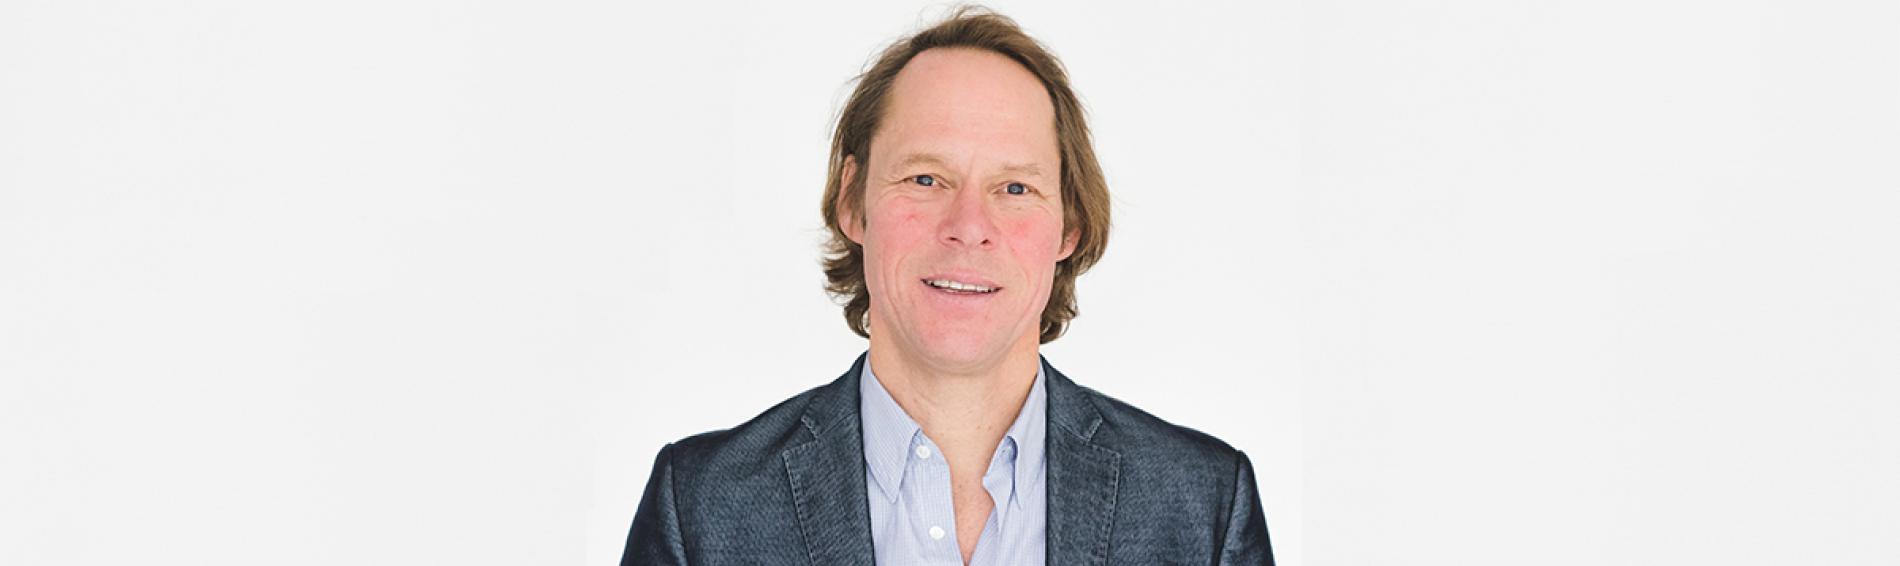 Dr. Peter Schwick, neuer Präsident von Ärzte der Welt. Foto: Ärzte der Welt